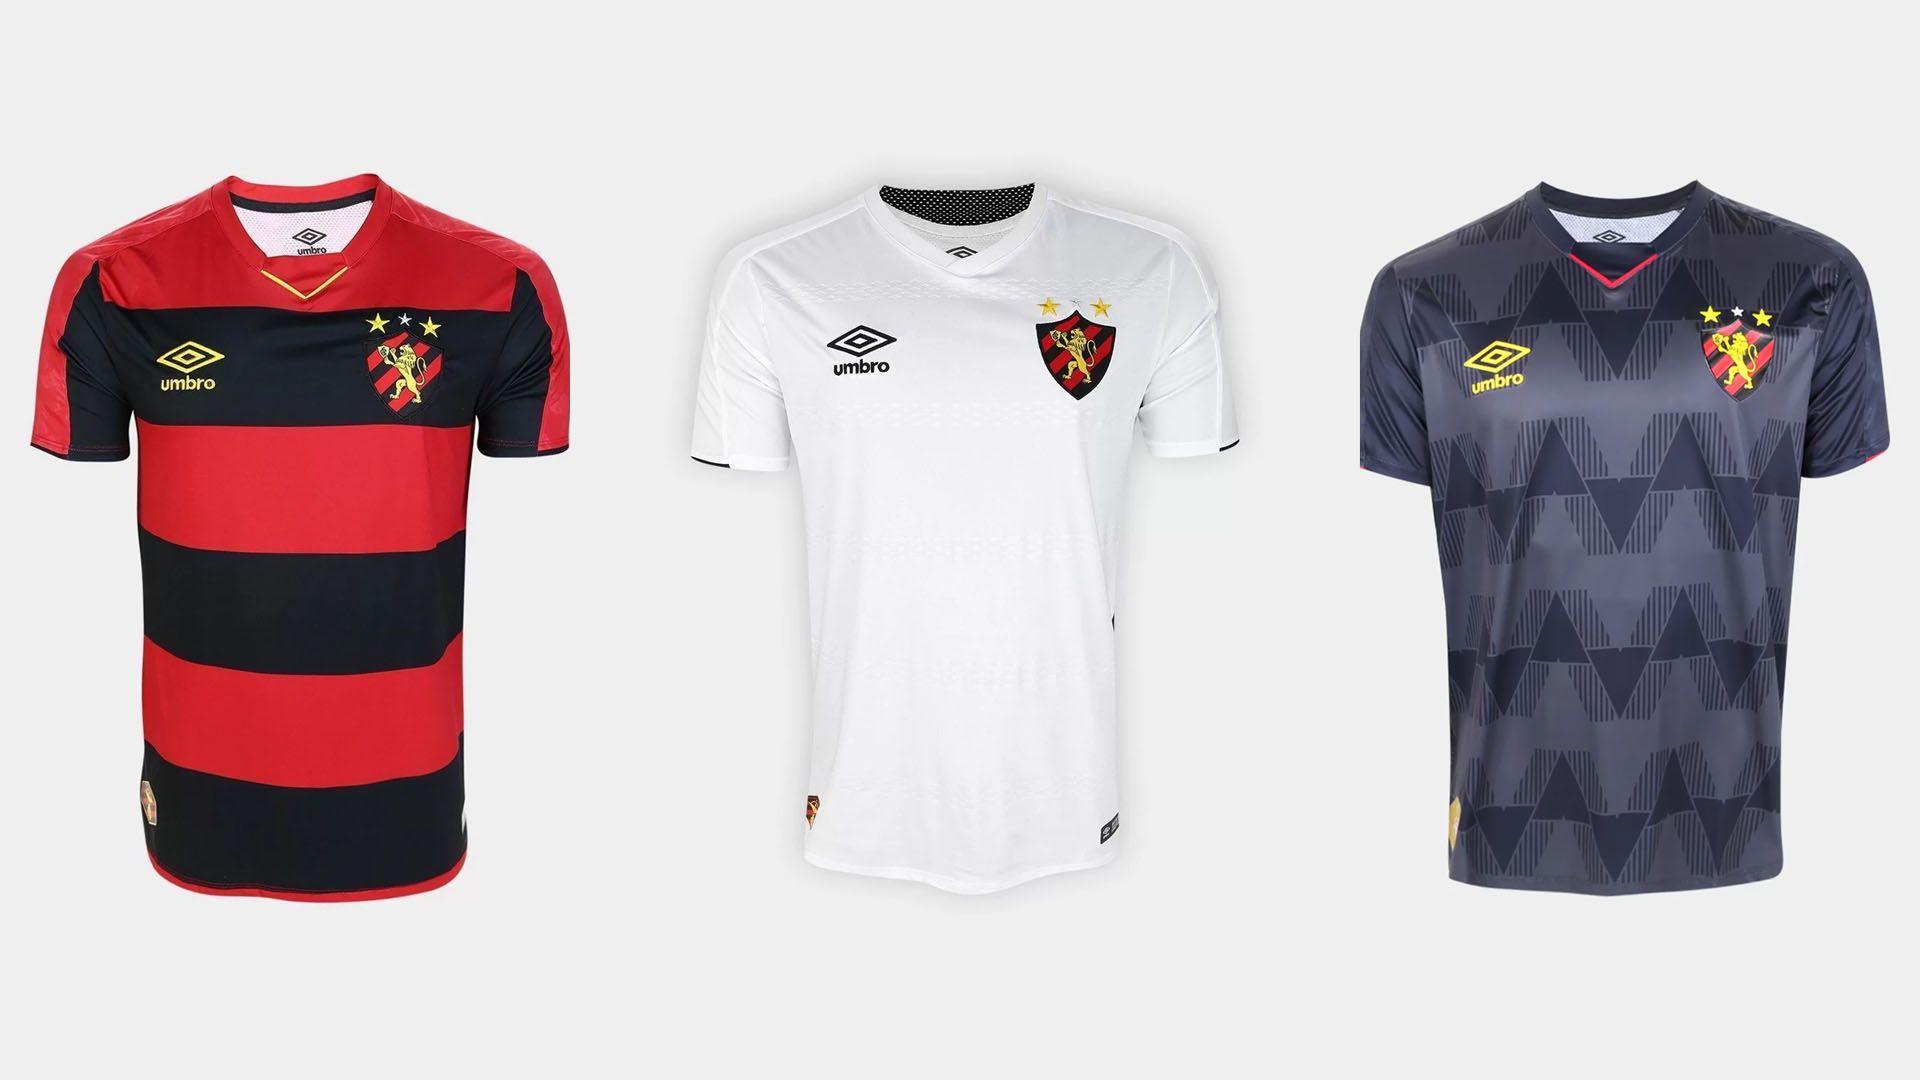 Camisa do Sport 2019 Umbro Jogo 1, 2 e 3 (Imagem: Divulgação/Umbro)